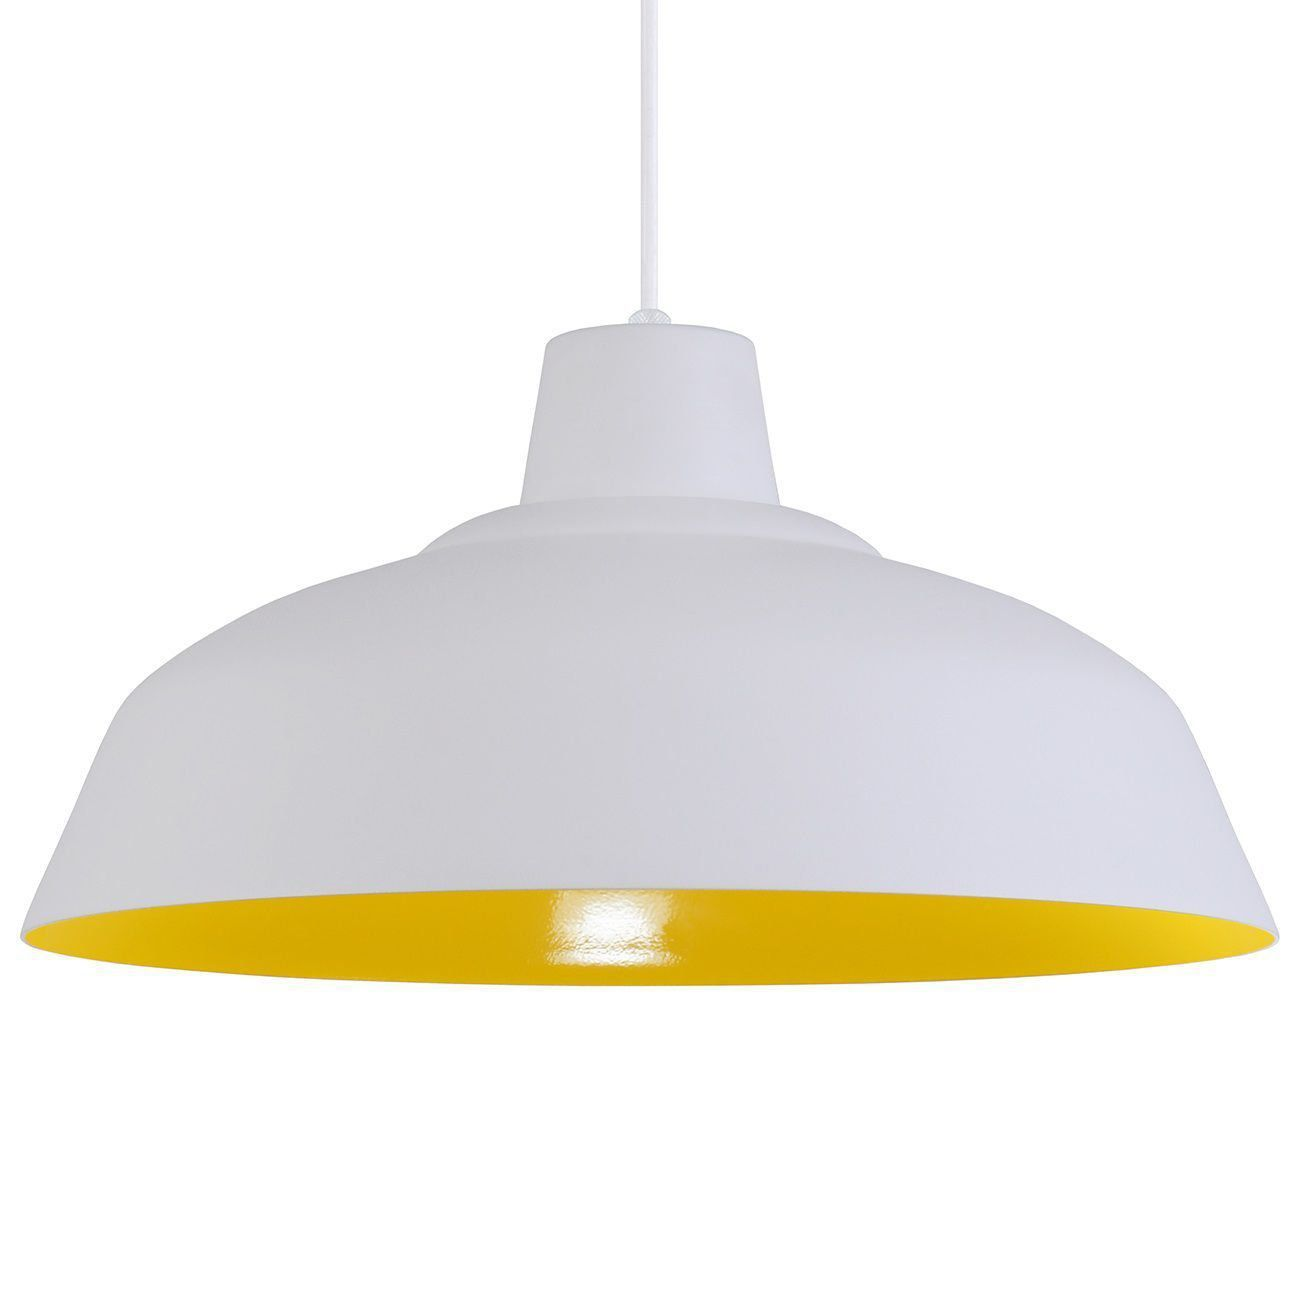 Pendente Retrô 34cm Luminária Lustre Alumínio Branco Textura C/ Amarelo - Rei Da Iluminação